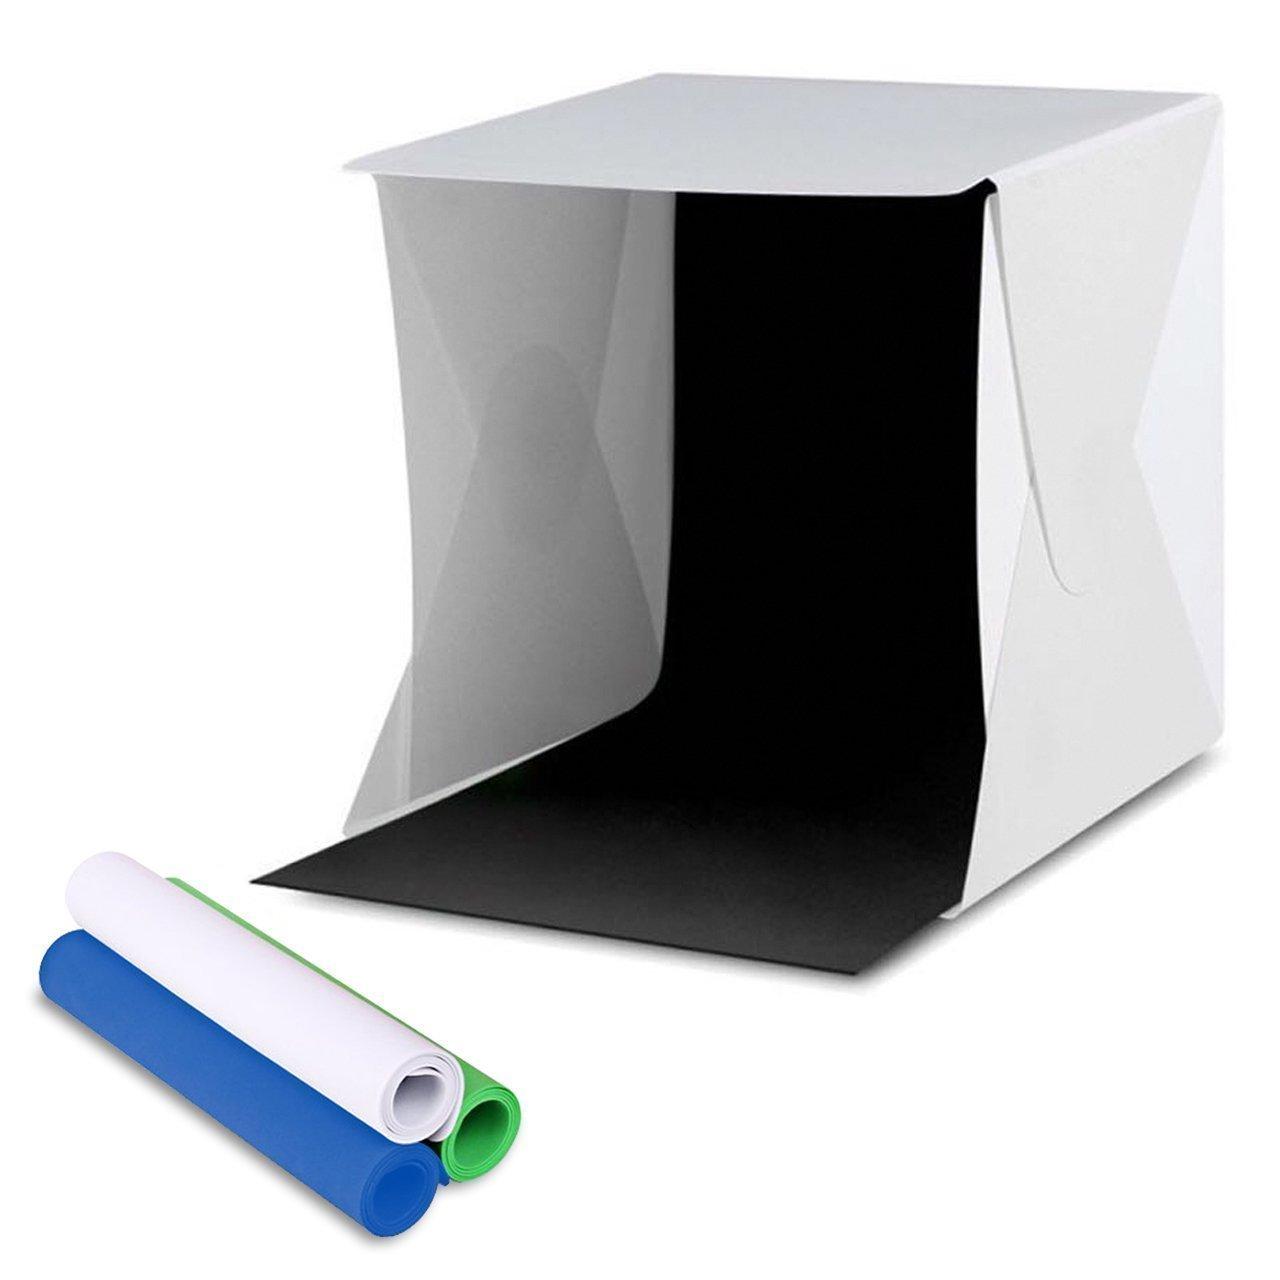 Amzdeal Caja de fotografía/ Caja de luz portátil para hacer fotos a objetos de pequeño tamaño 30 x 30 cm con cuatro fondos negro/ blanco/azul/verde